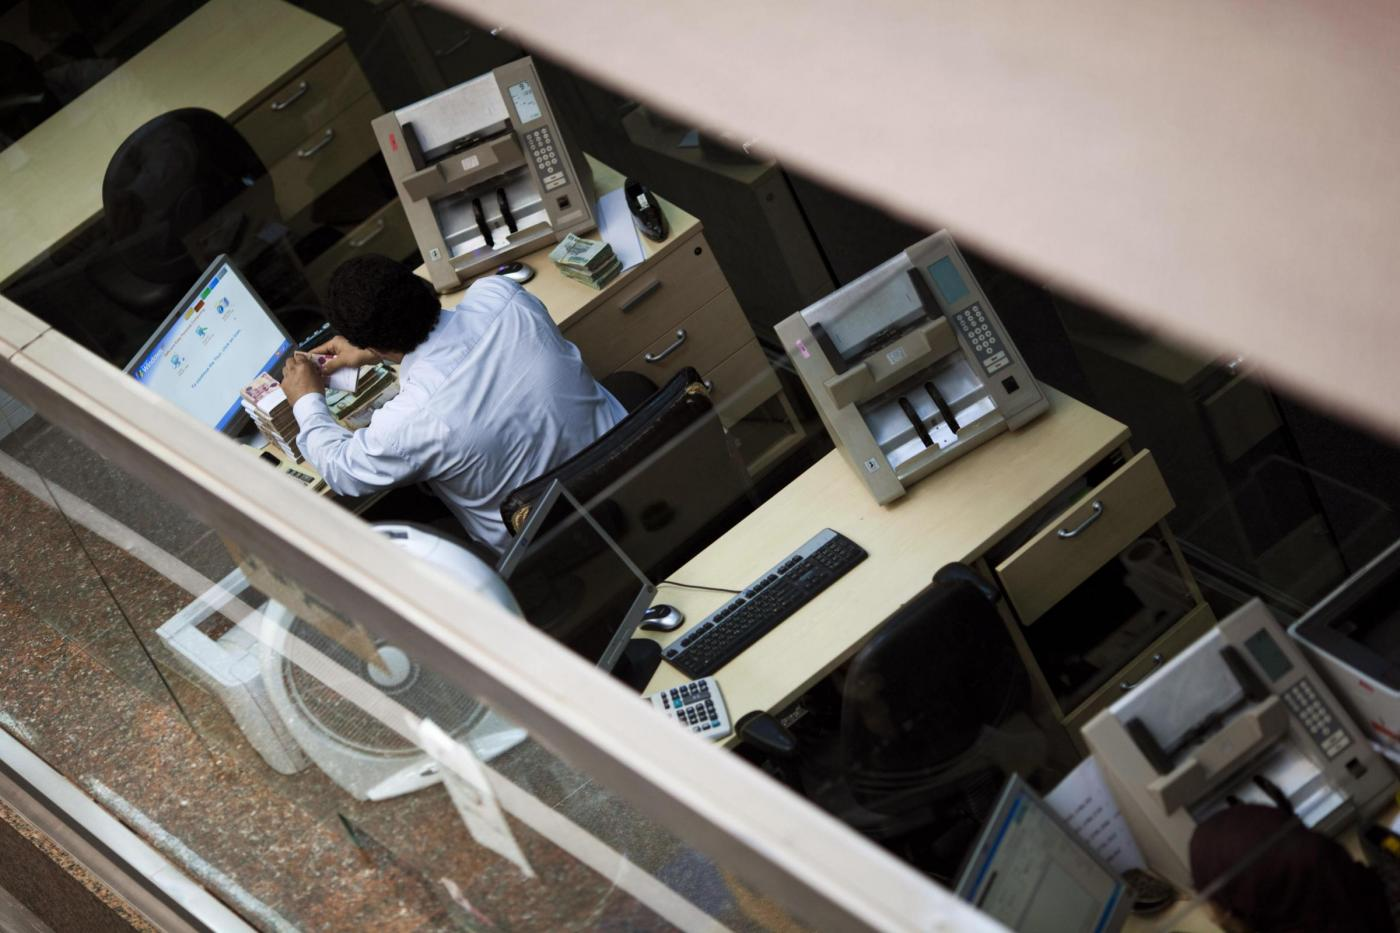 Troppe ore in ufficio, il rischio di depressione raddoppia